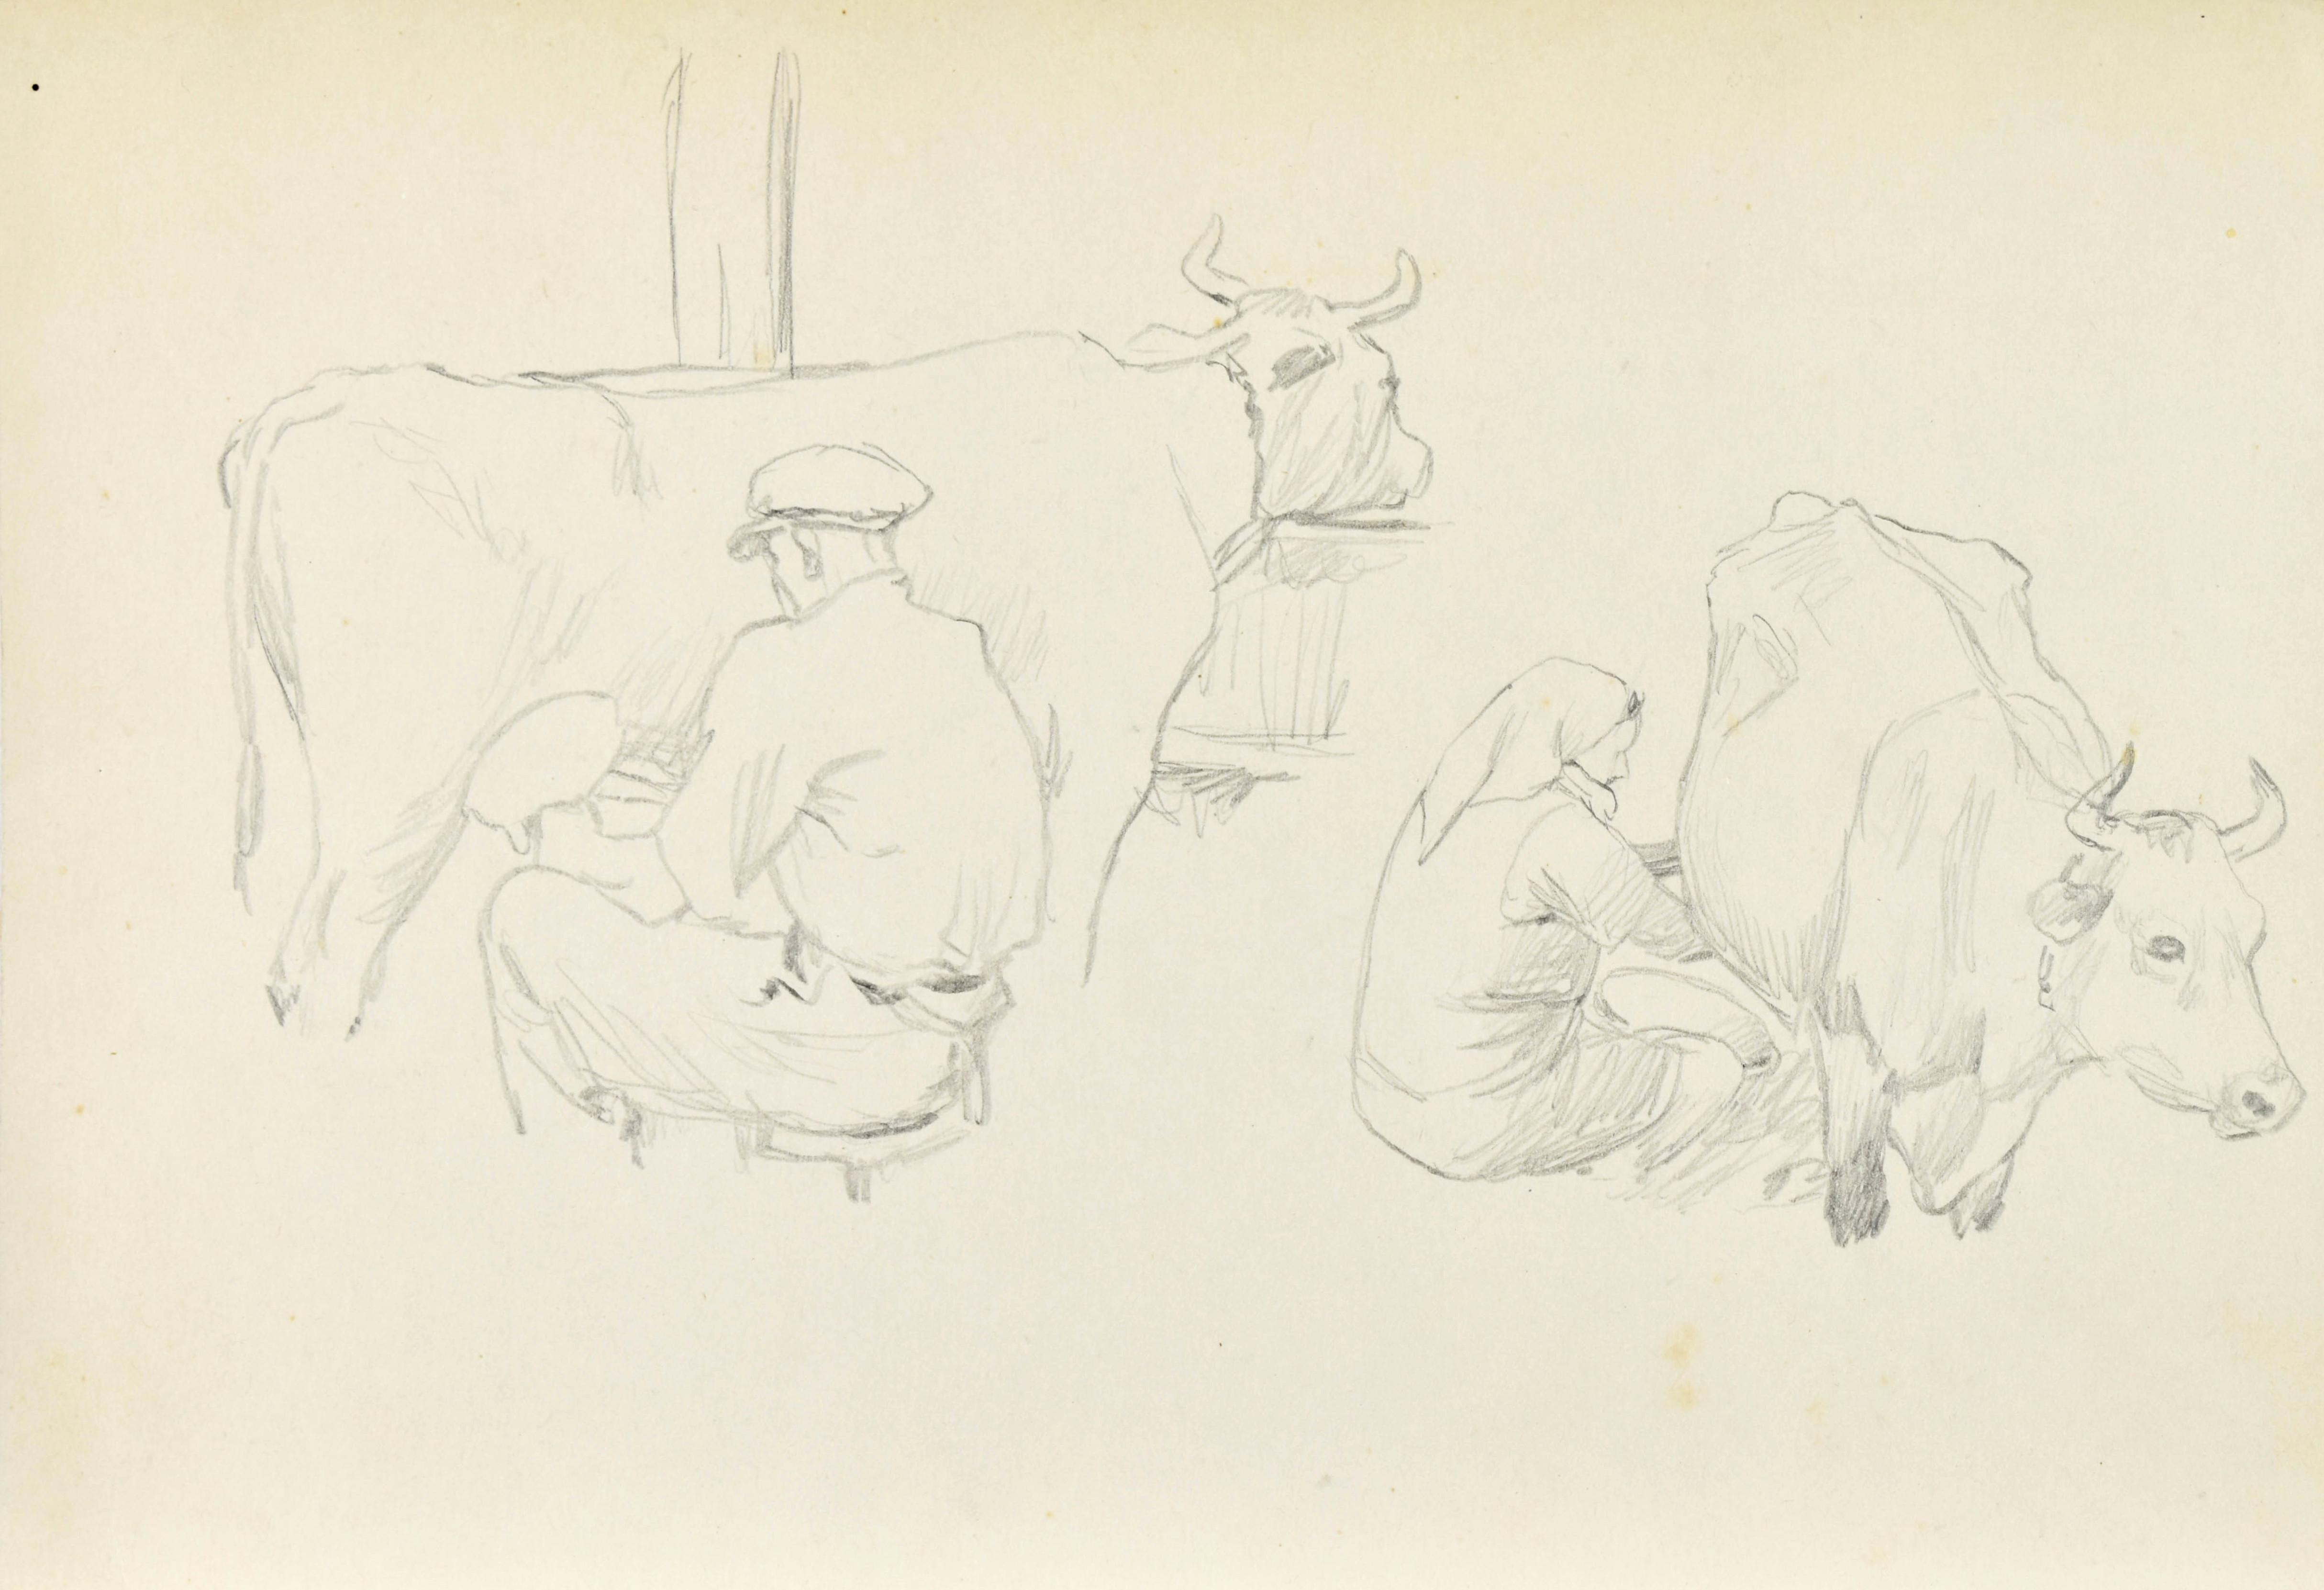 Dojenie krów – dwie sceny mężczyzna i kobieta dojący krowy